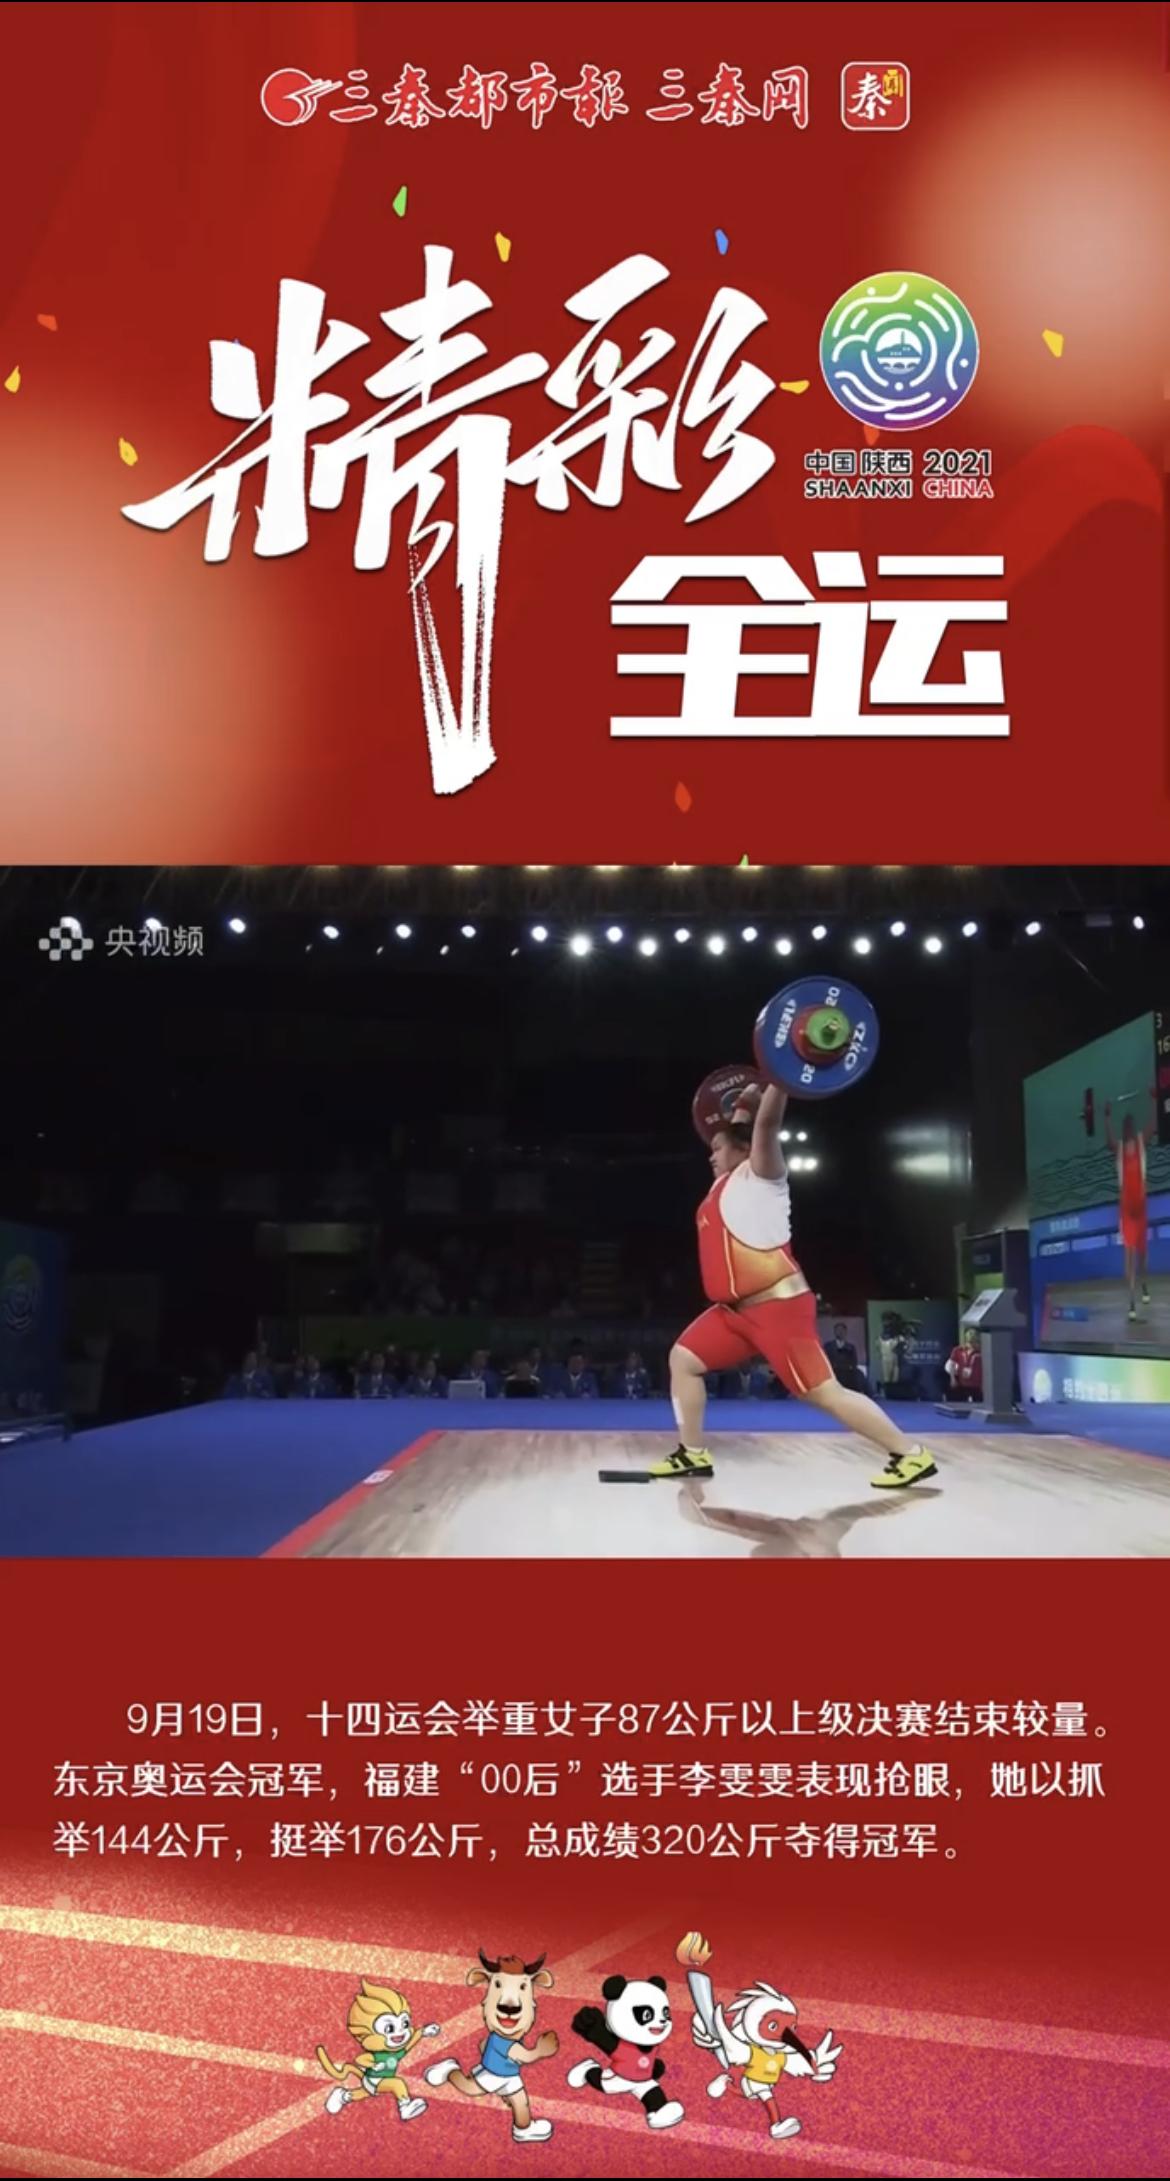 奥运冠军李雯雯夺得十四运会举重女子87公斤以上级冠军